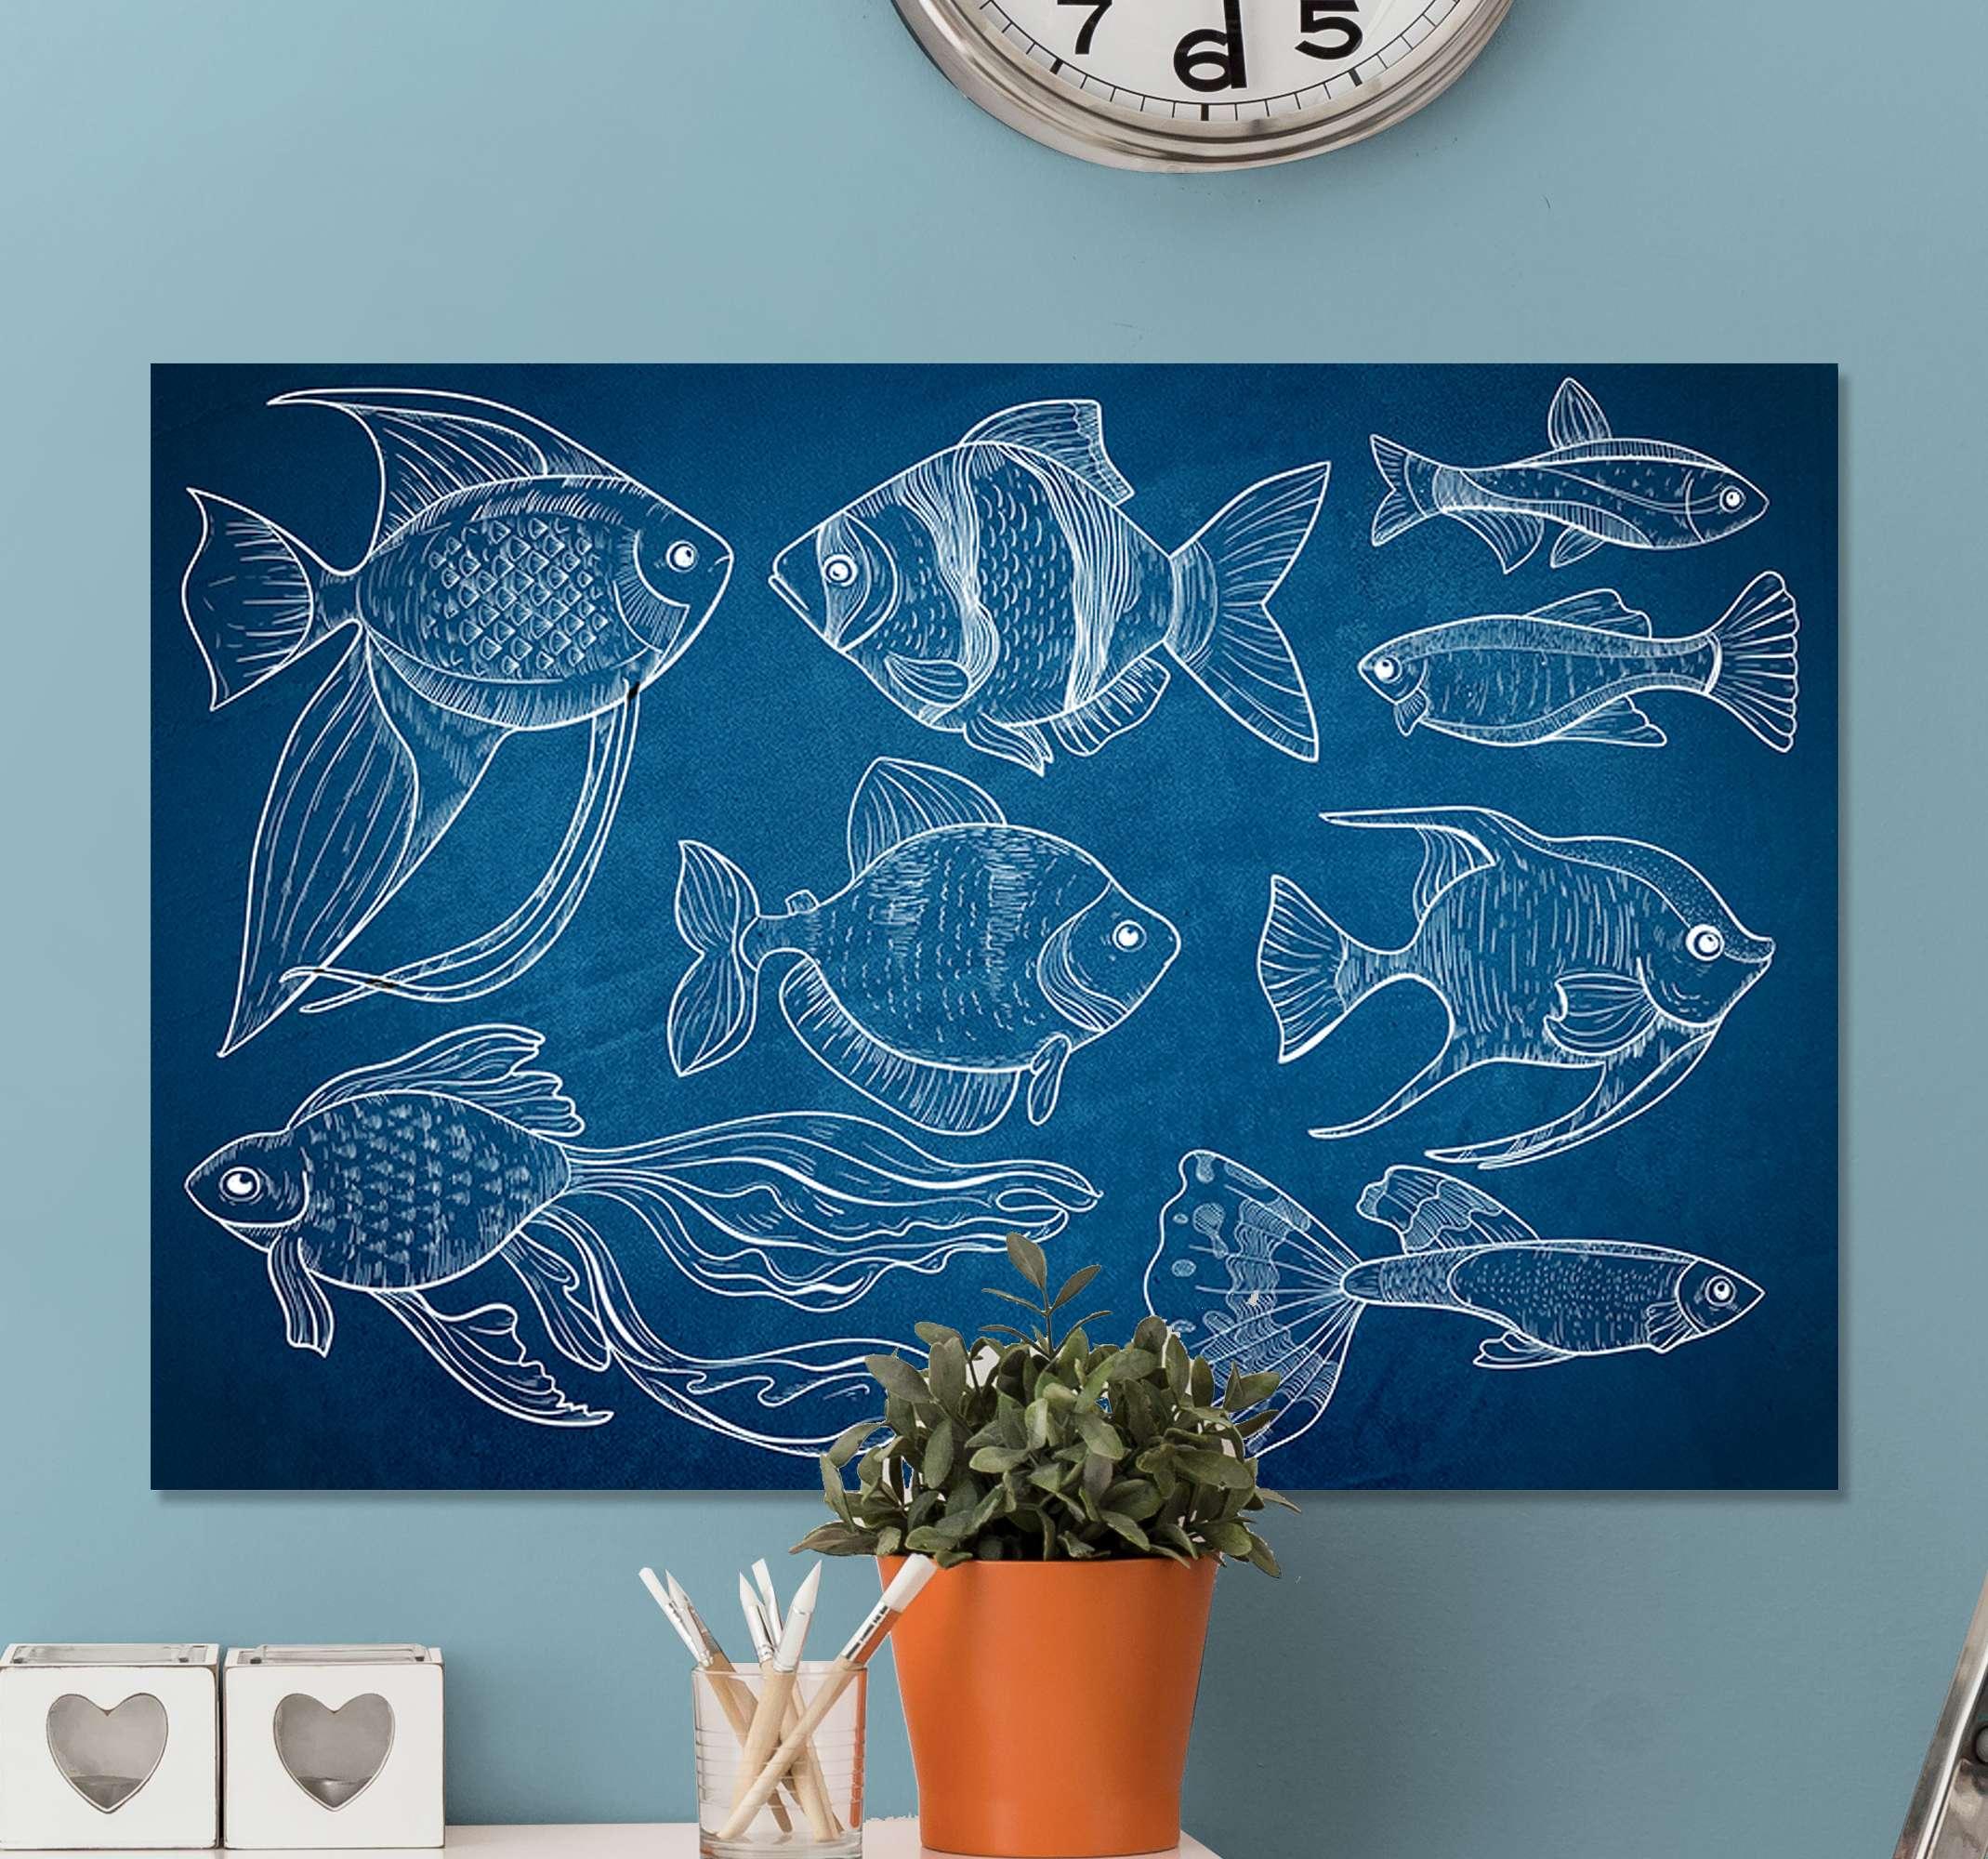 TenStickers. 海洋鱼浴室墙艺术画布. 代表不同海洋鱼类的简单浴室帆布艺术设计。背景为深蓝色,描绘出深海的色彩。